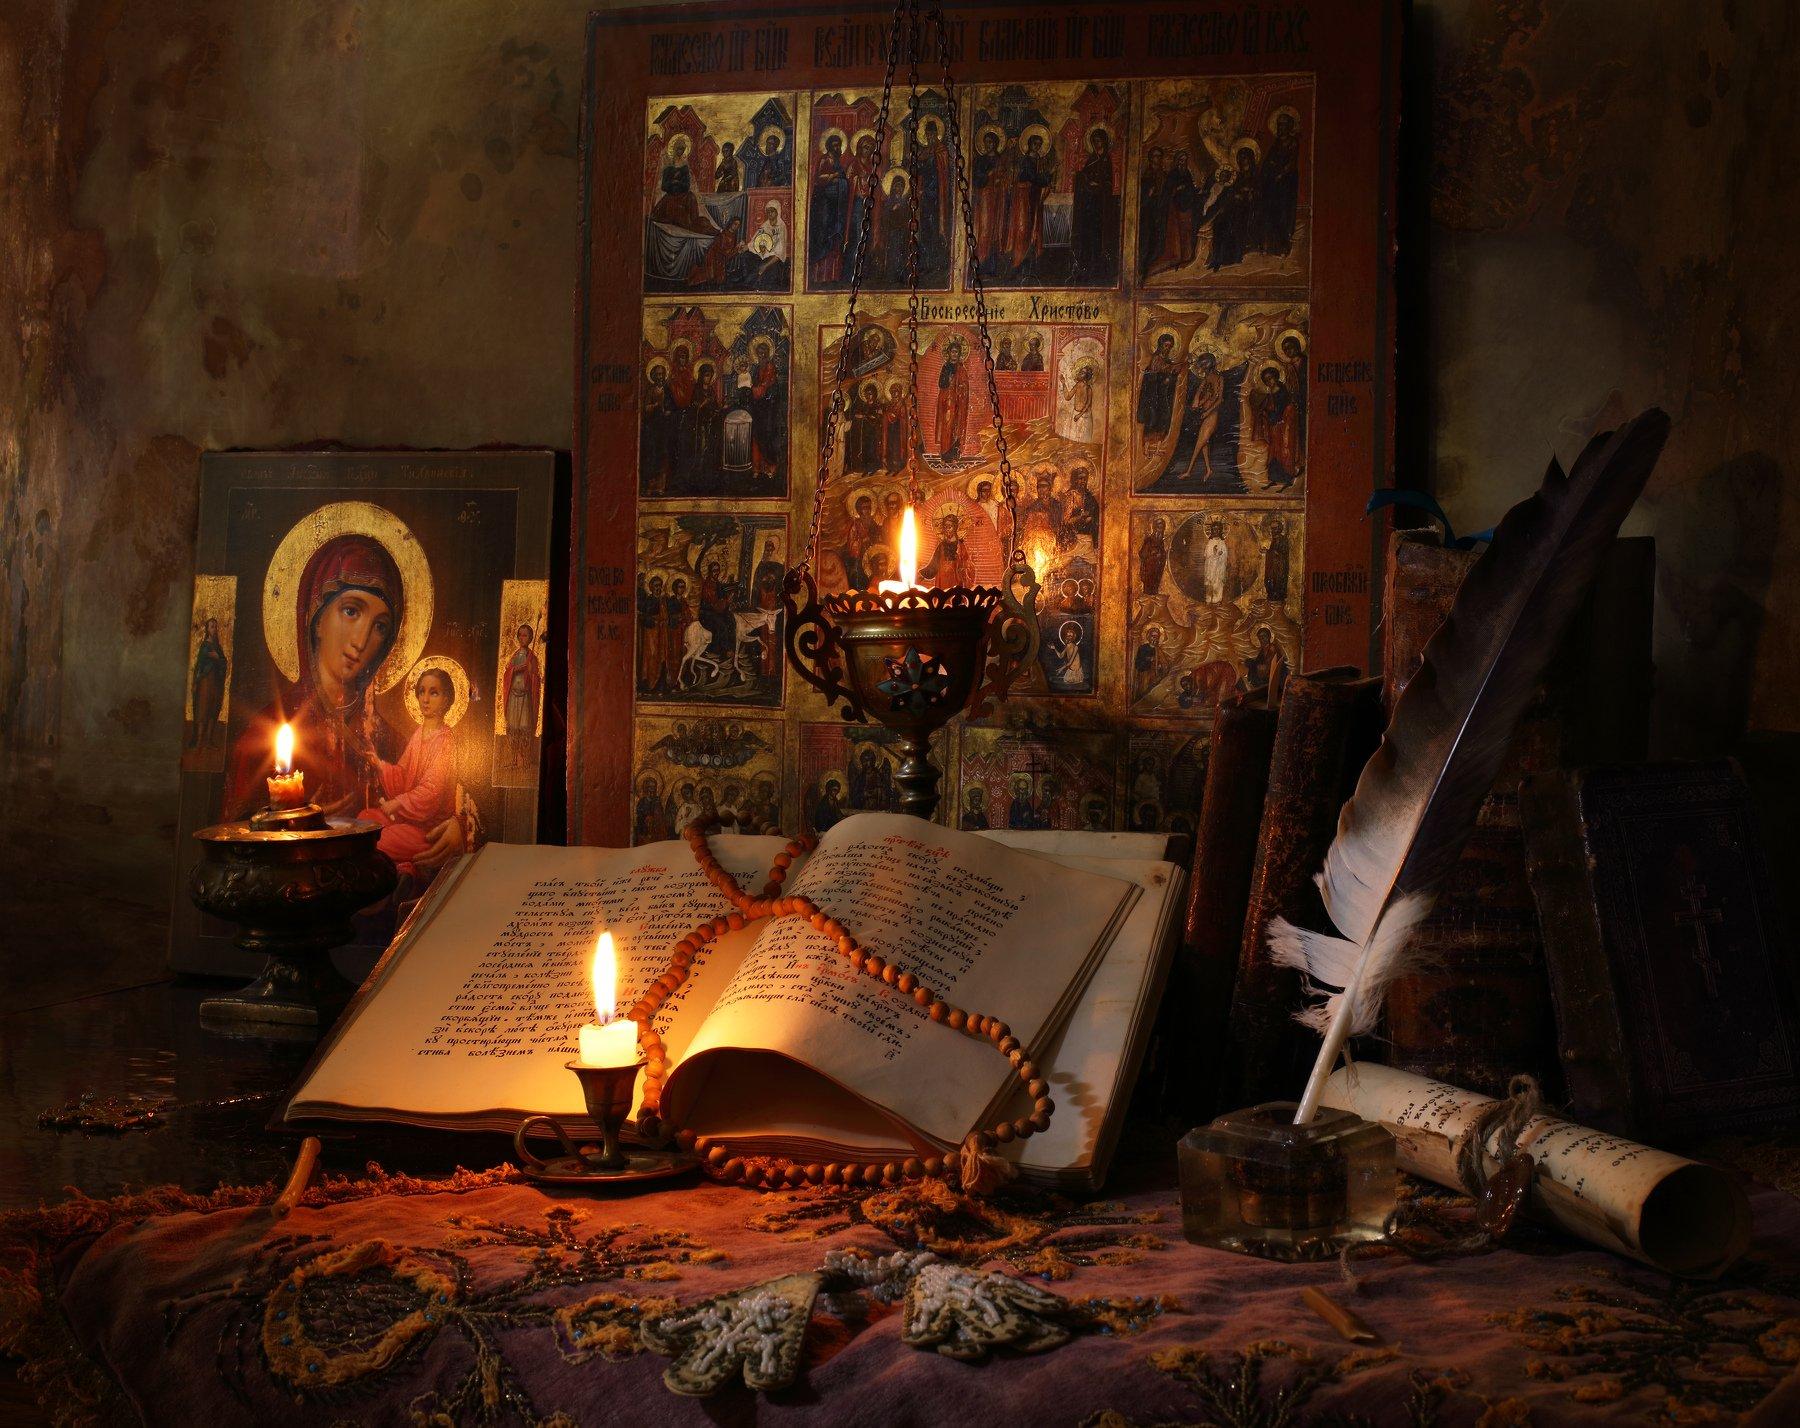 Православие, иконы, религия, книги, свечи, Христос, Андрей Морозов